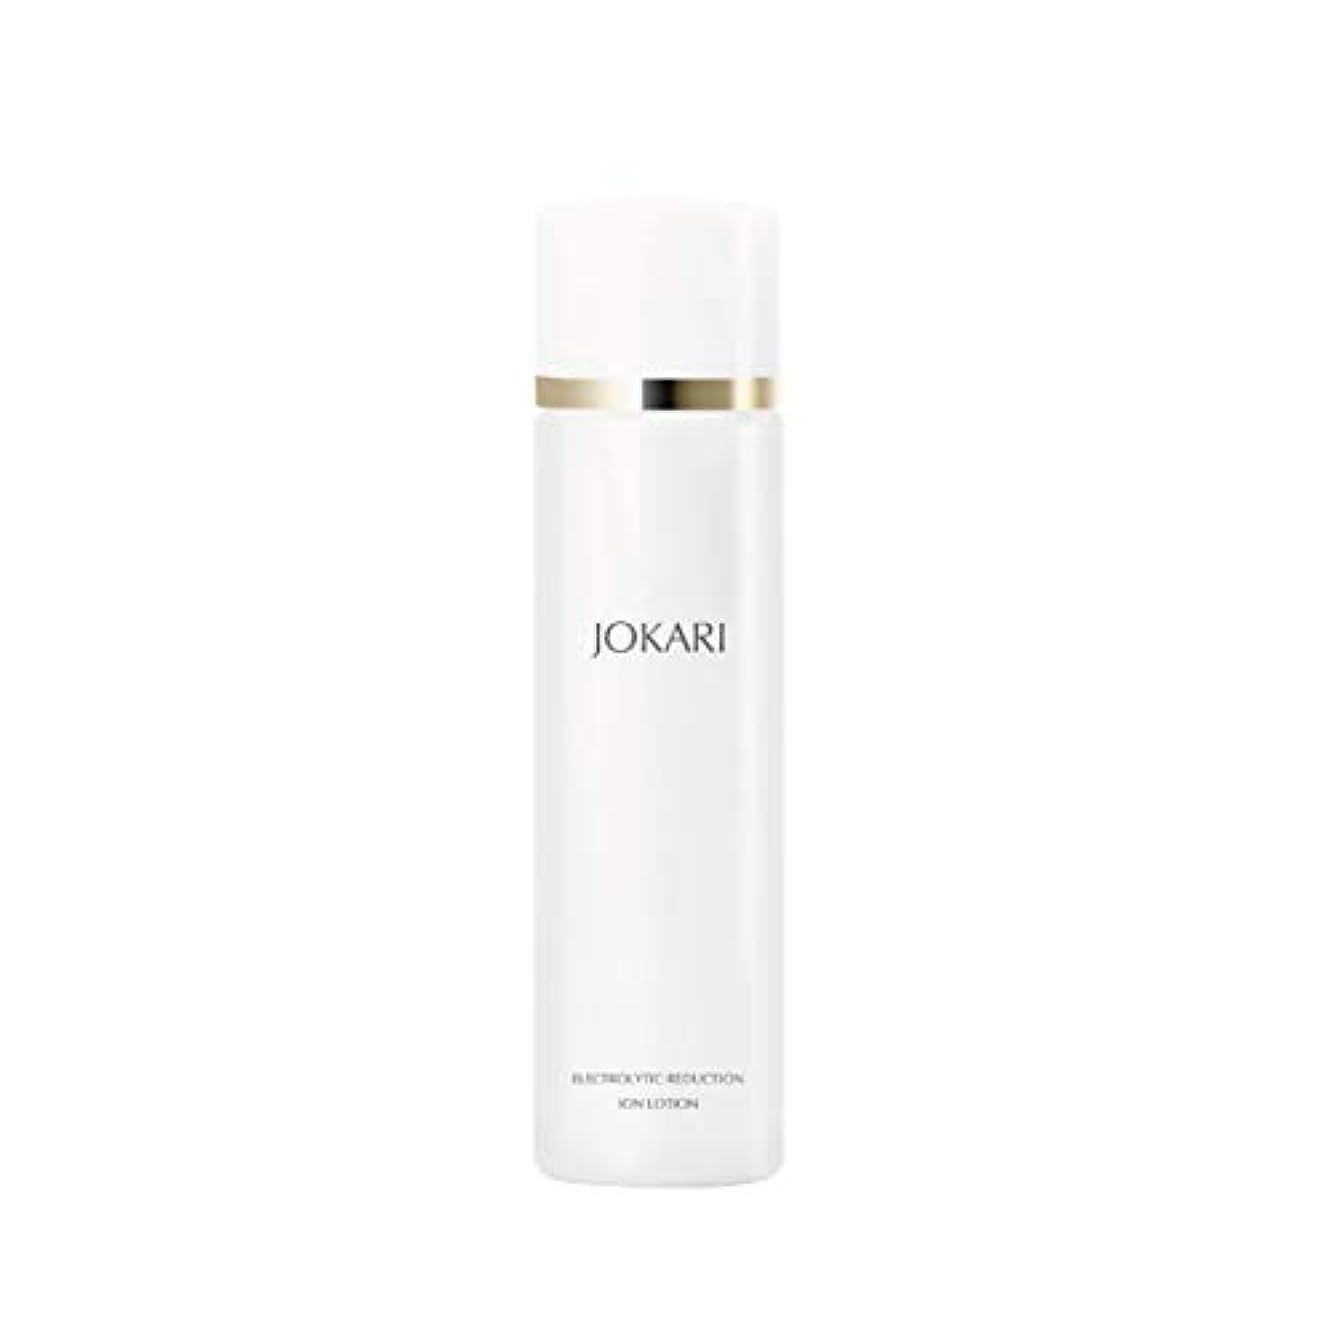 扱いやすいのホスト見捨てるJOKARI ジョカリ イオンローション 化粧水 150ml